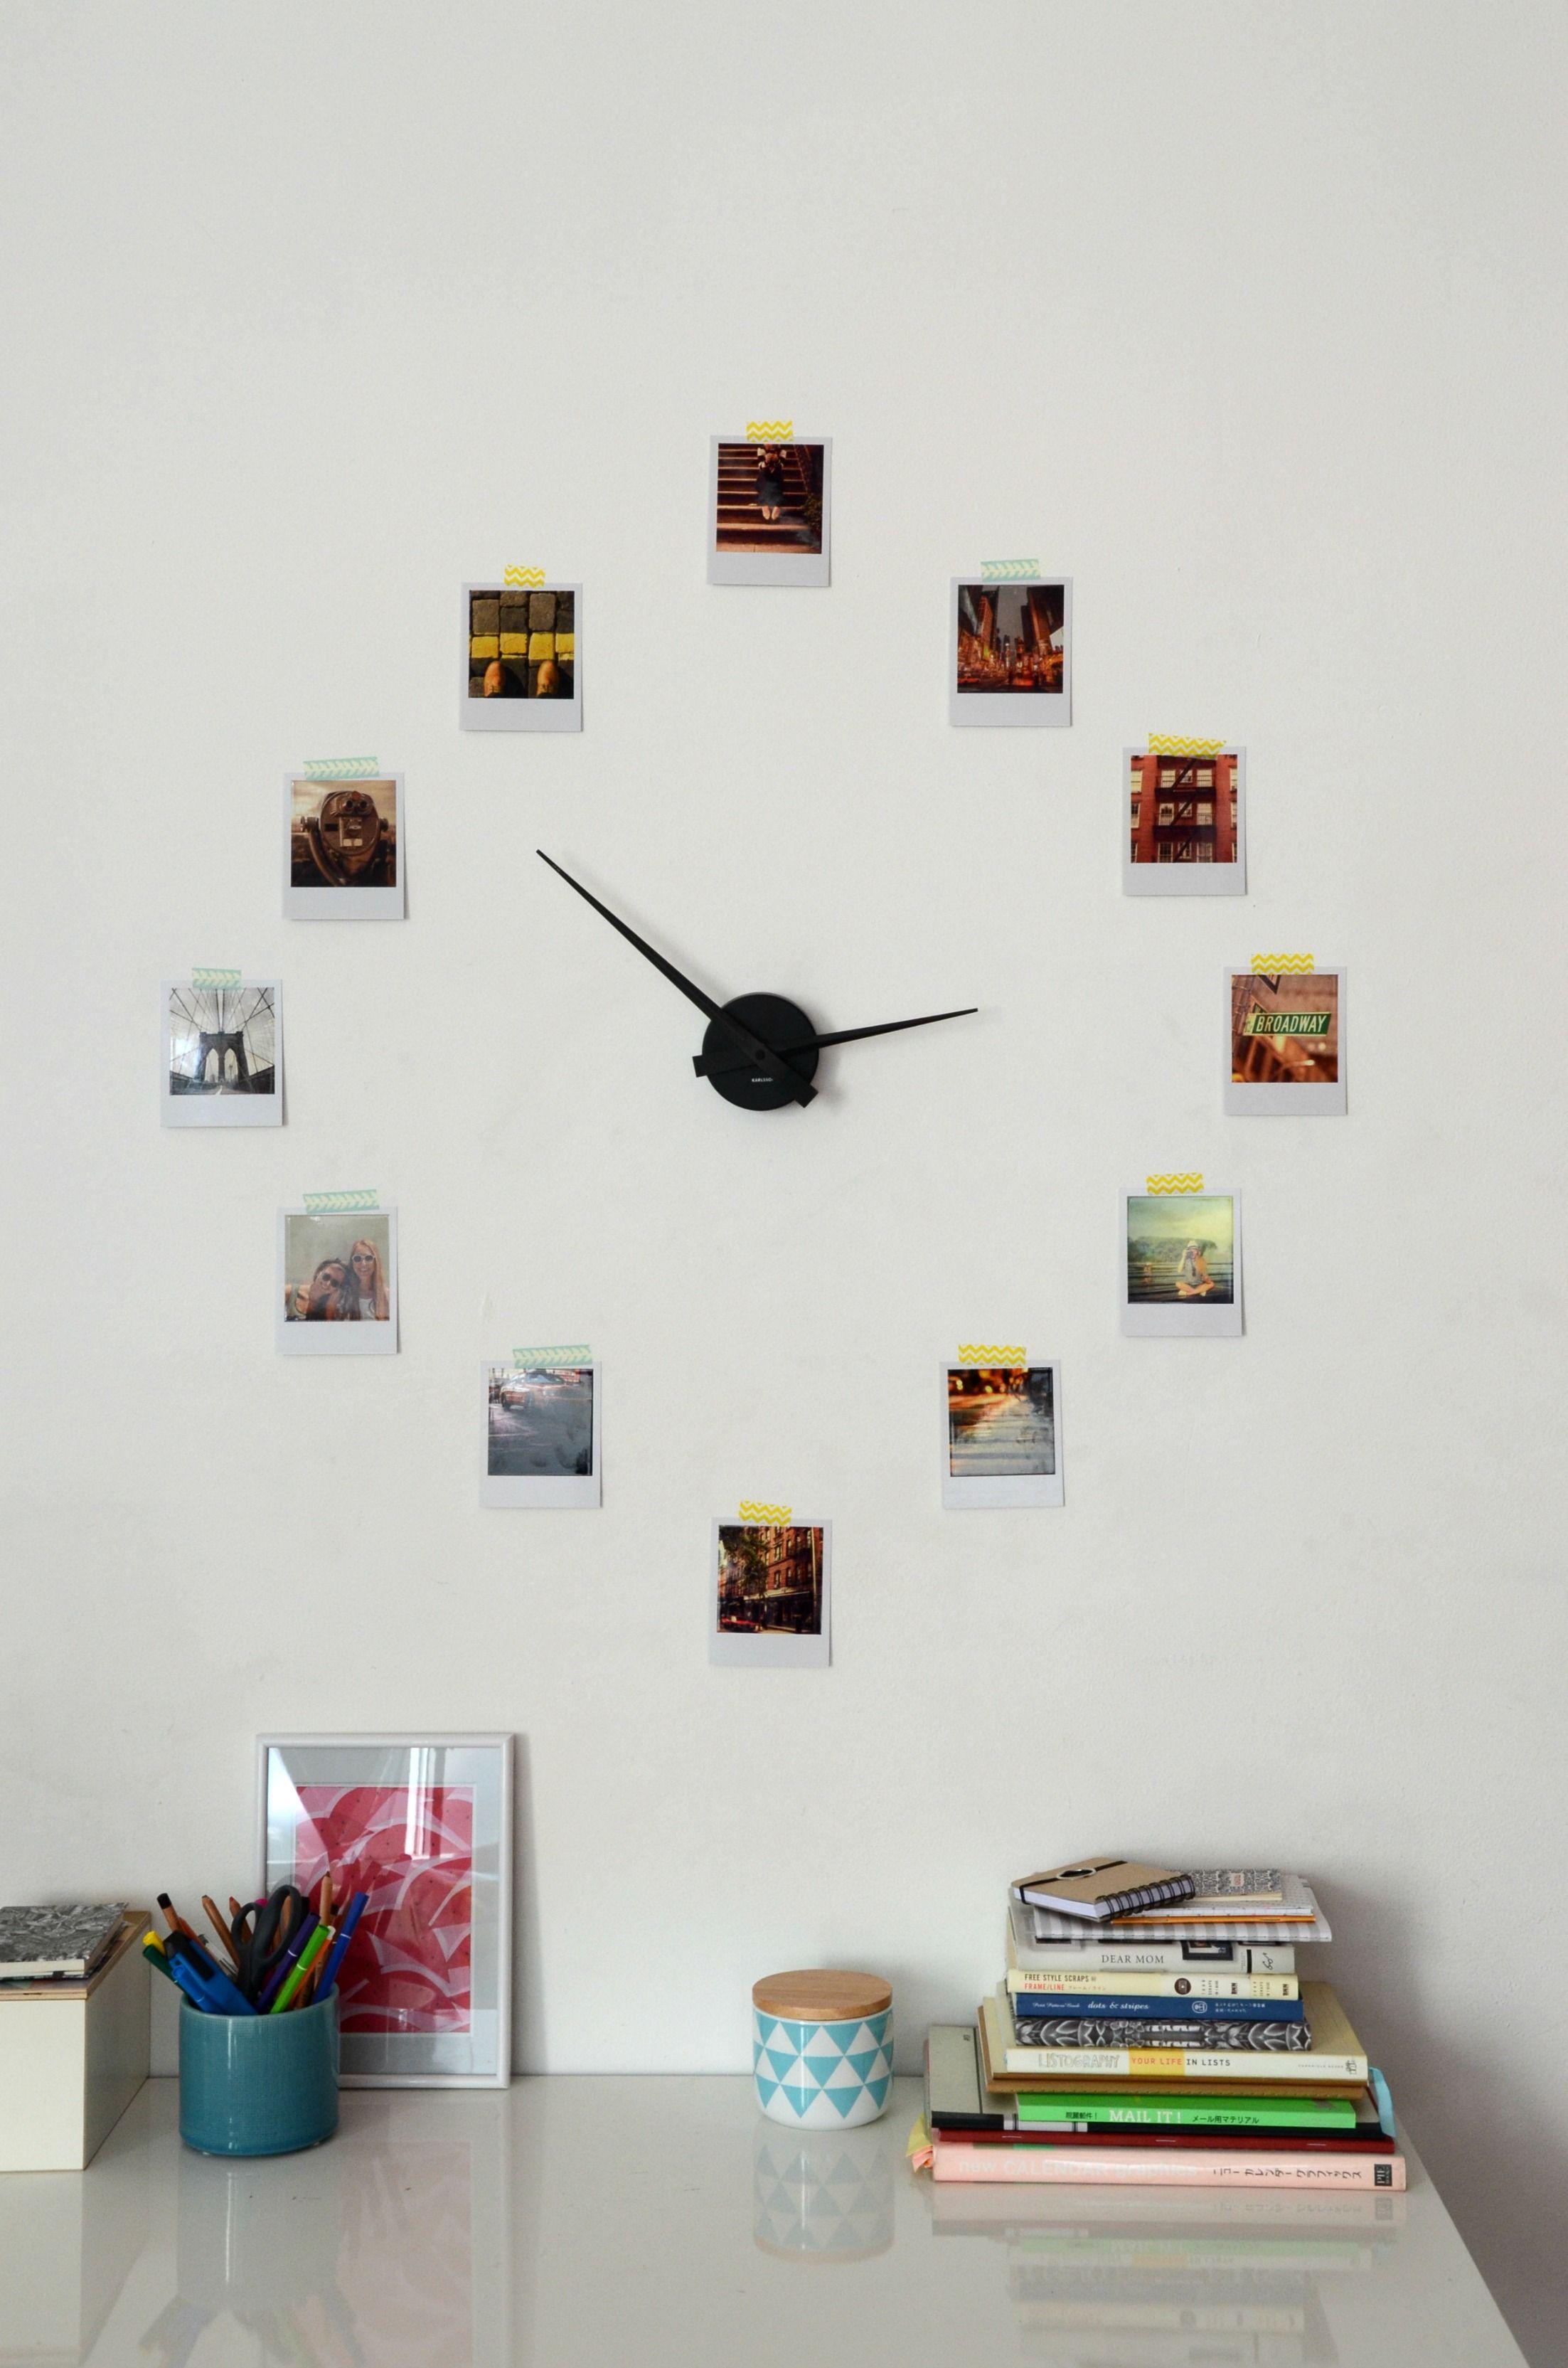 diy d co une horloge r tro en 3 tapes une horloge photos pinterest deco horloge et. Black Bedroom Furniture Sets. Home Design Ideas